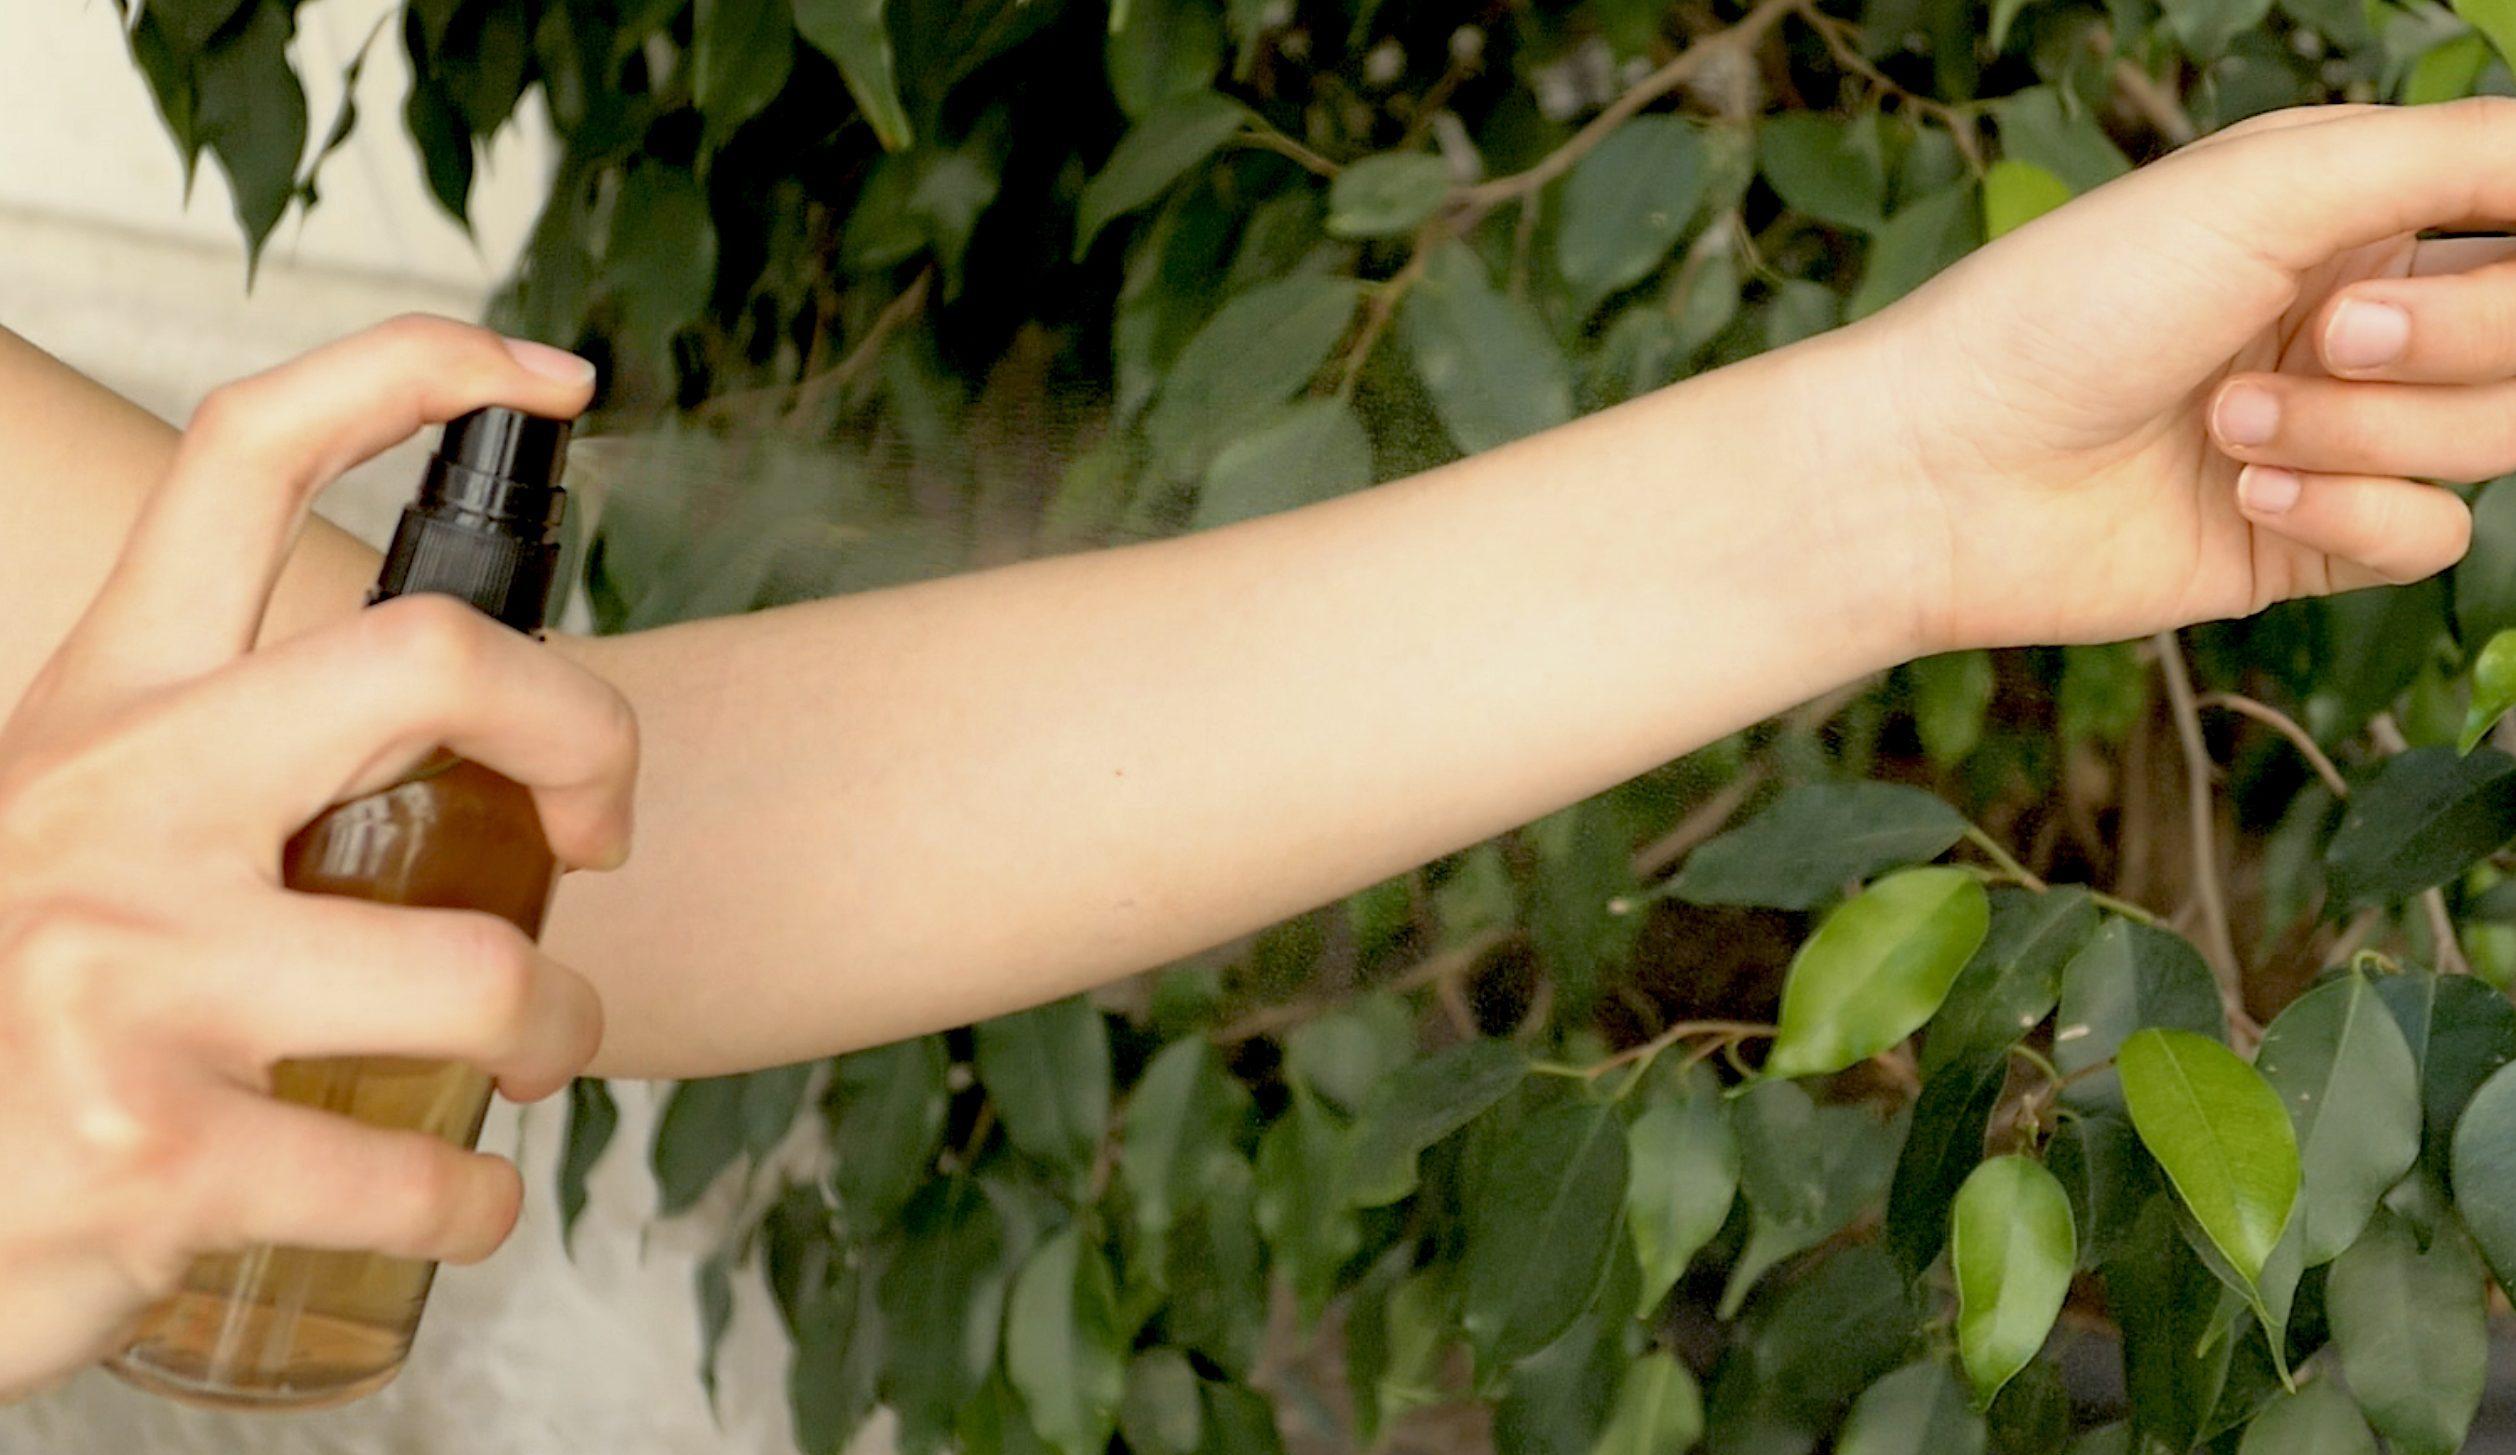 Prodotti Efficaci Contro Le Formiche tieni lontane formiche, mosche e zanzare con prodotti fai da te semplici e  naturali